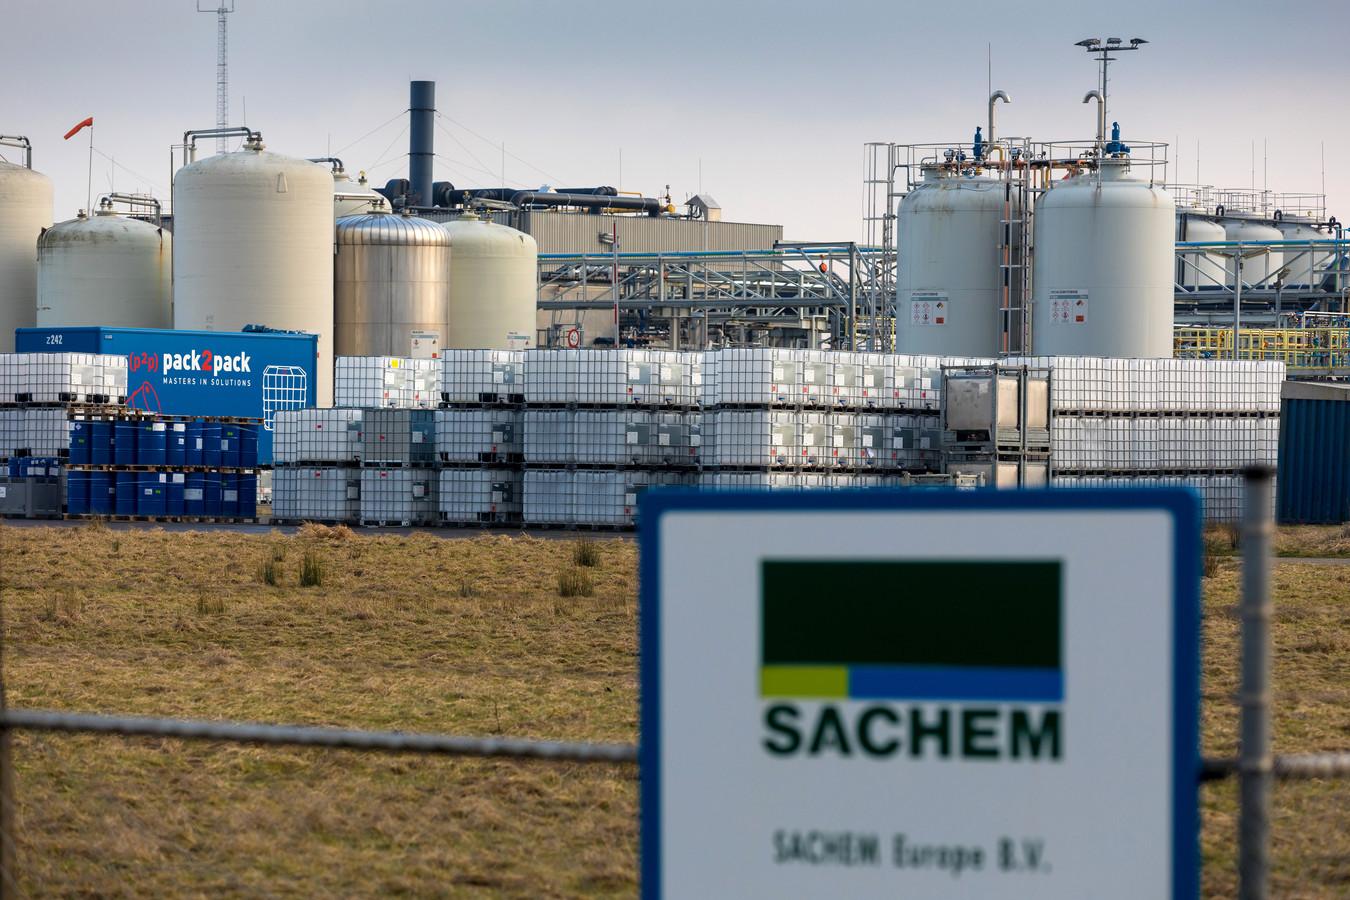 Sachem Europe bv in Zaltbommel